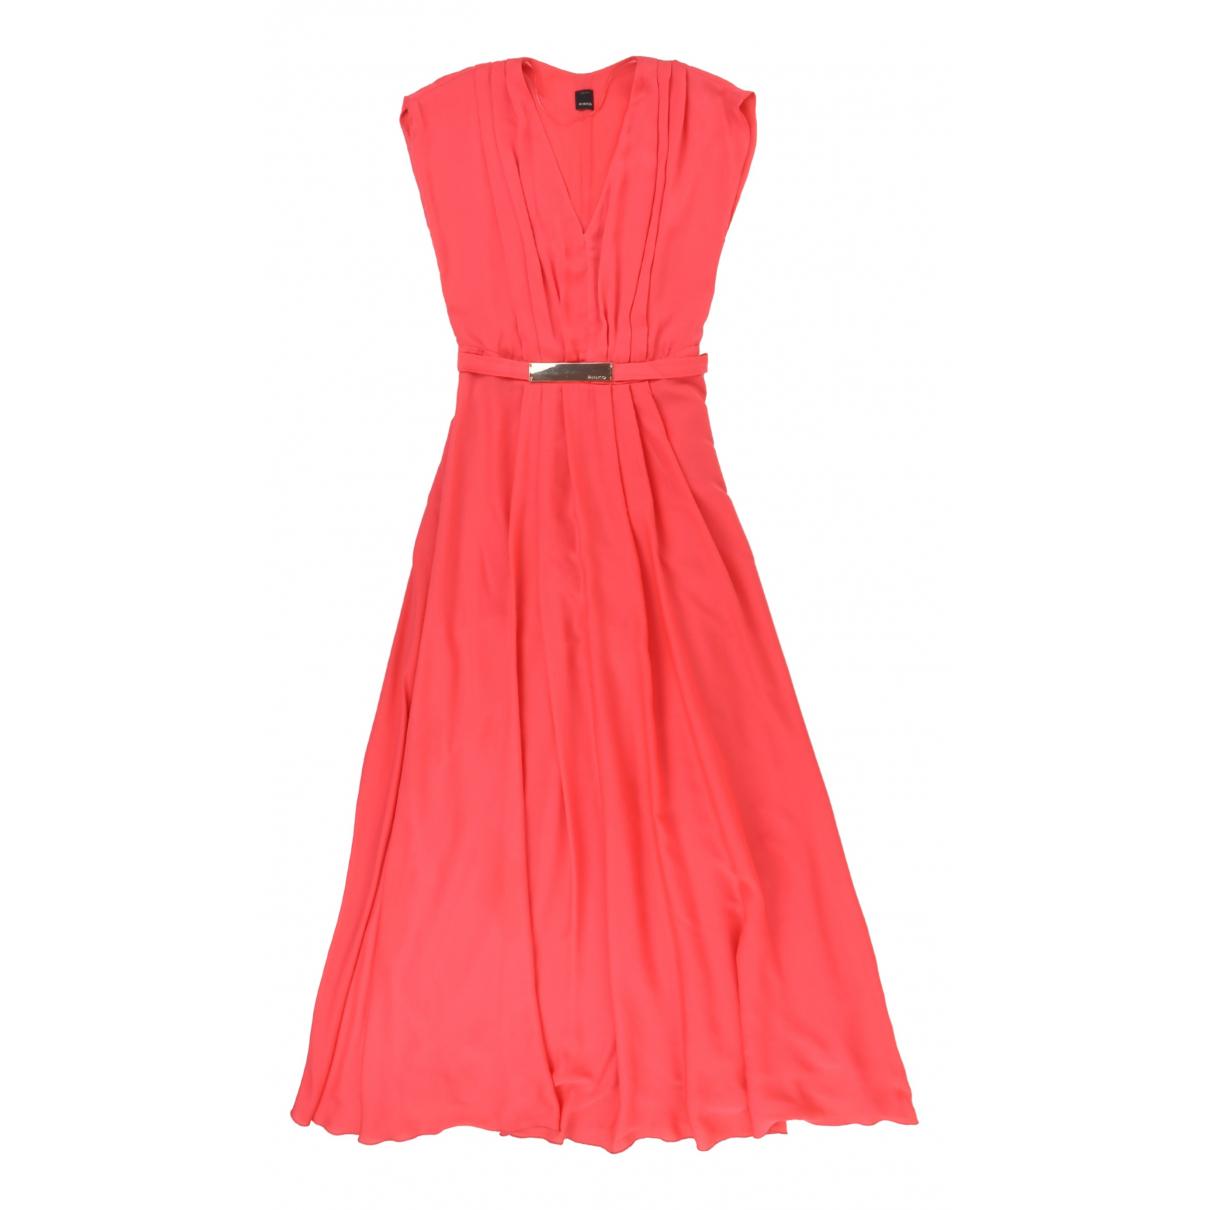 Pinko \N Pink dress for Women 46 IT